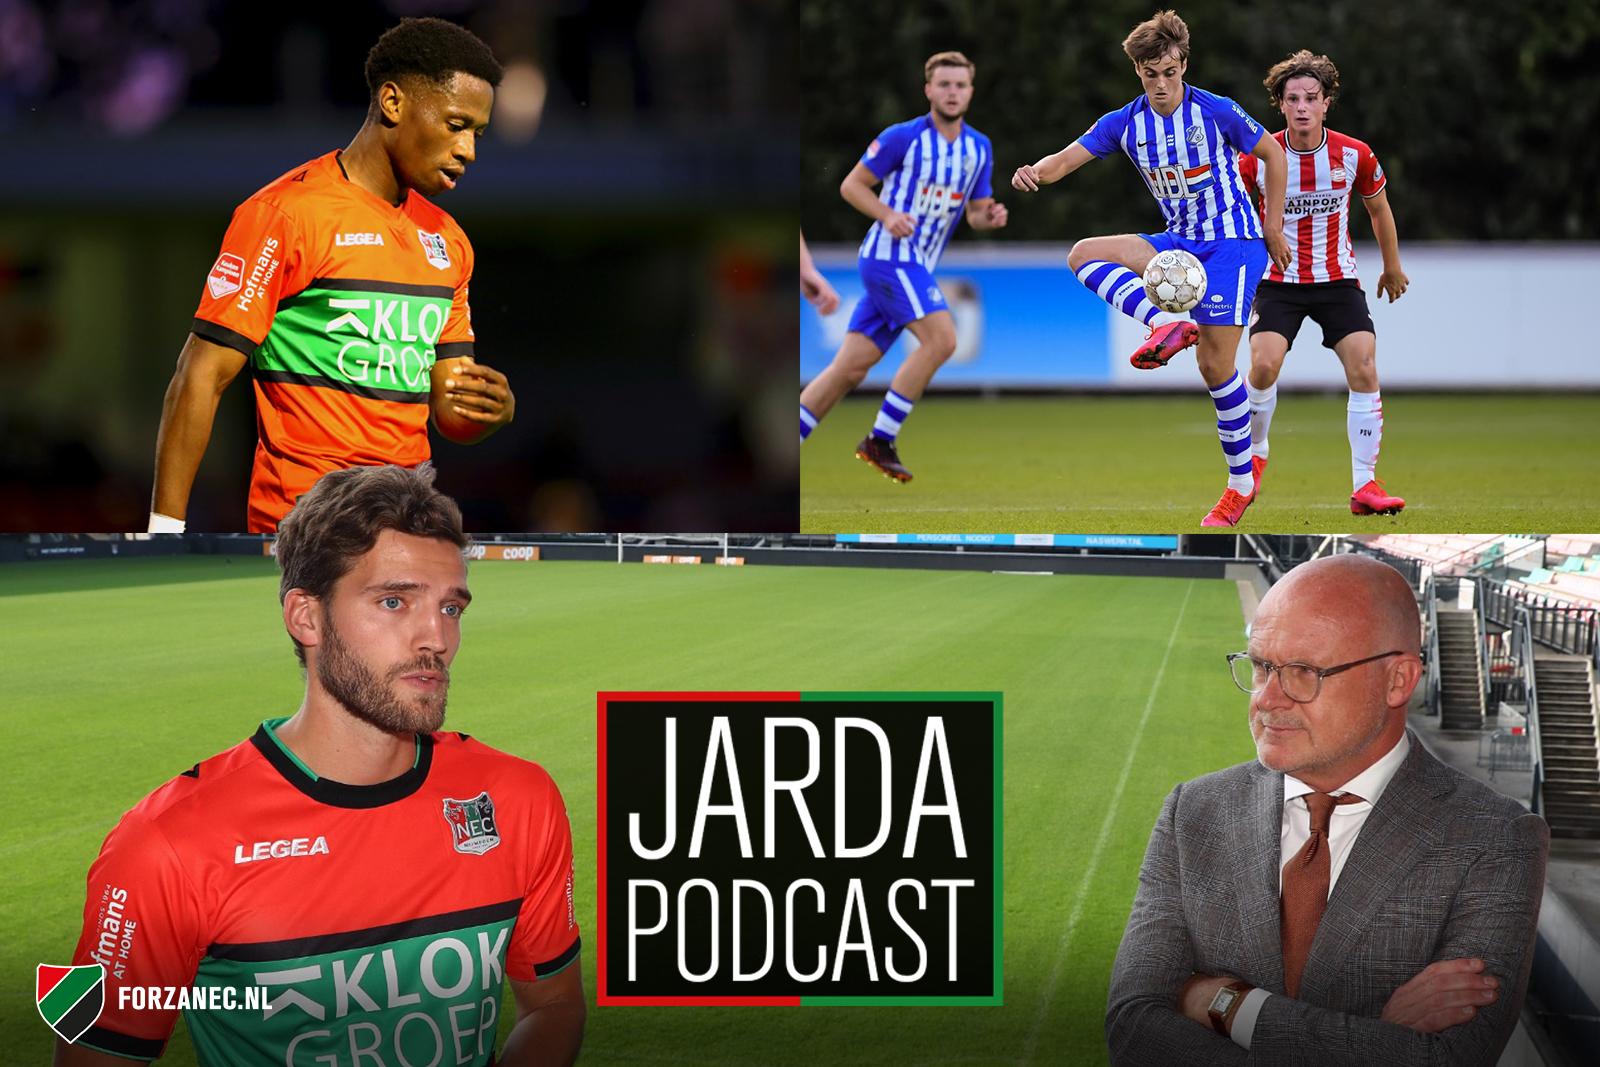 Jarda Podcast #52: Het Rutger Worm-effect en bellen met Wilco